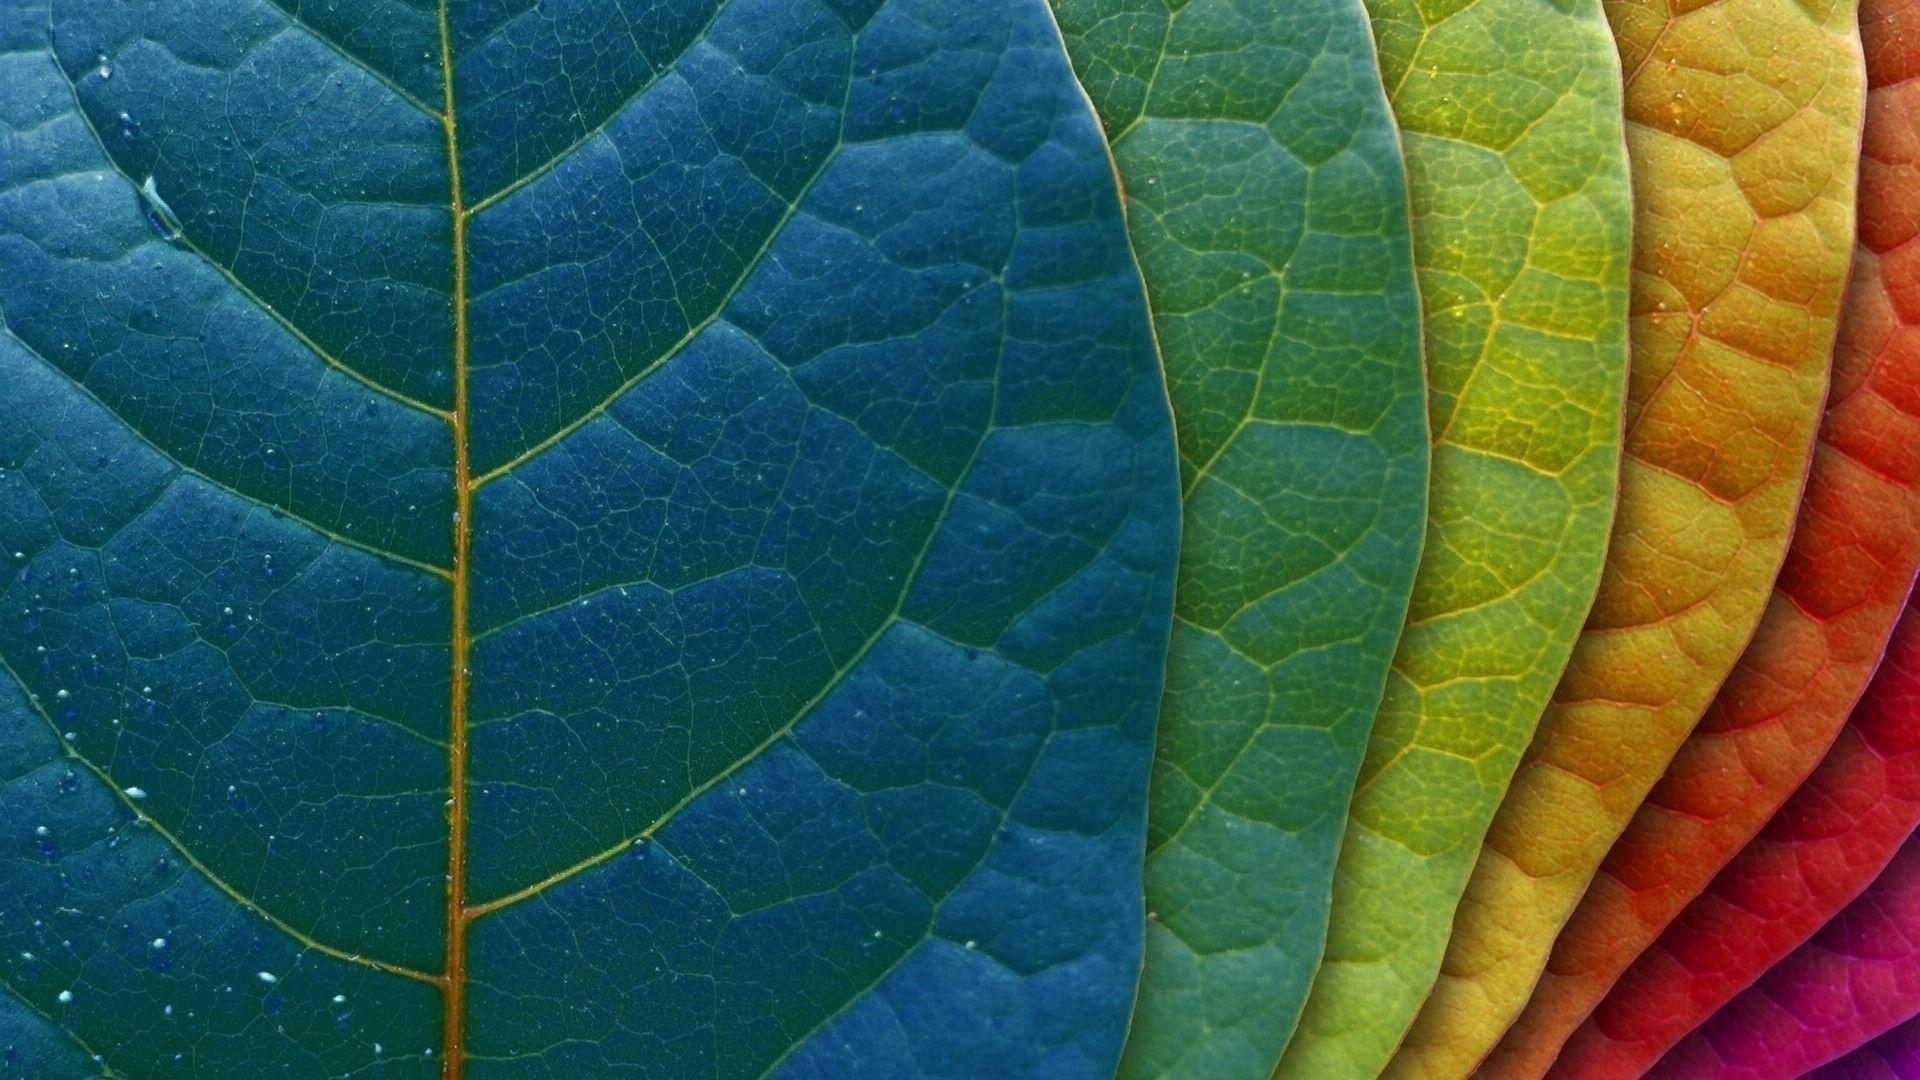 macbook retina wallpapers chainsmokers - photo #41